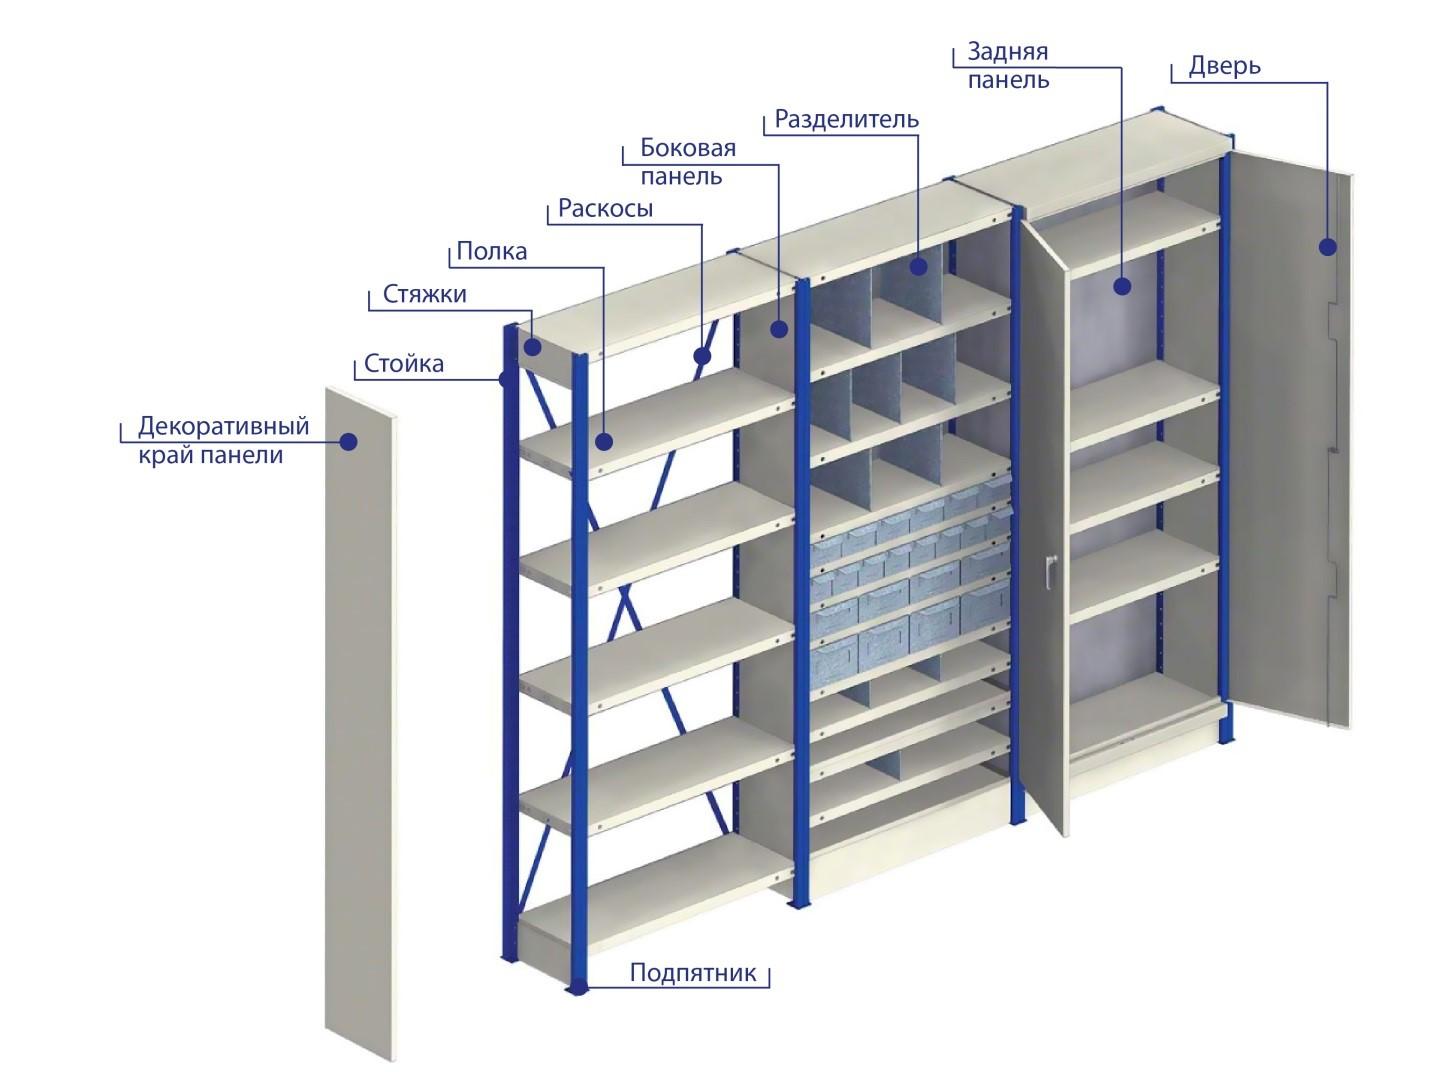 Конструкция архивных стеллажей на стационарном основании